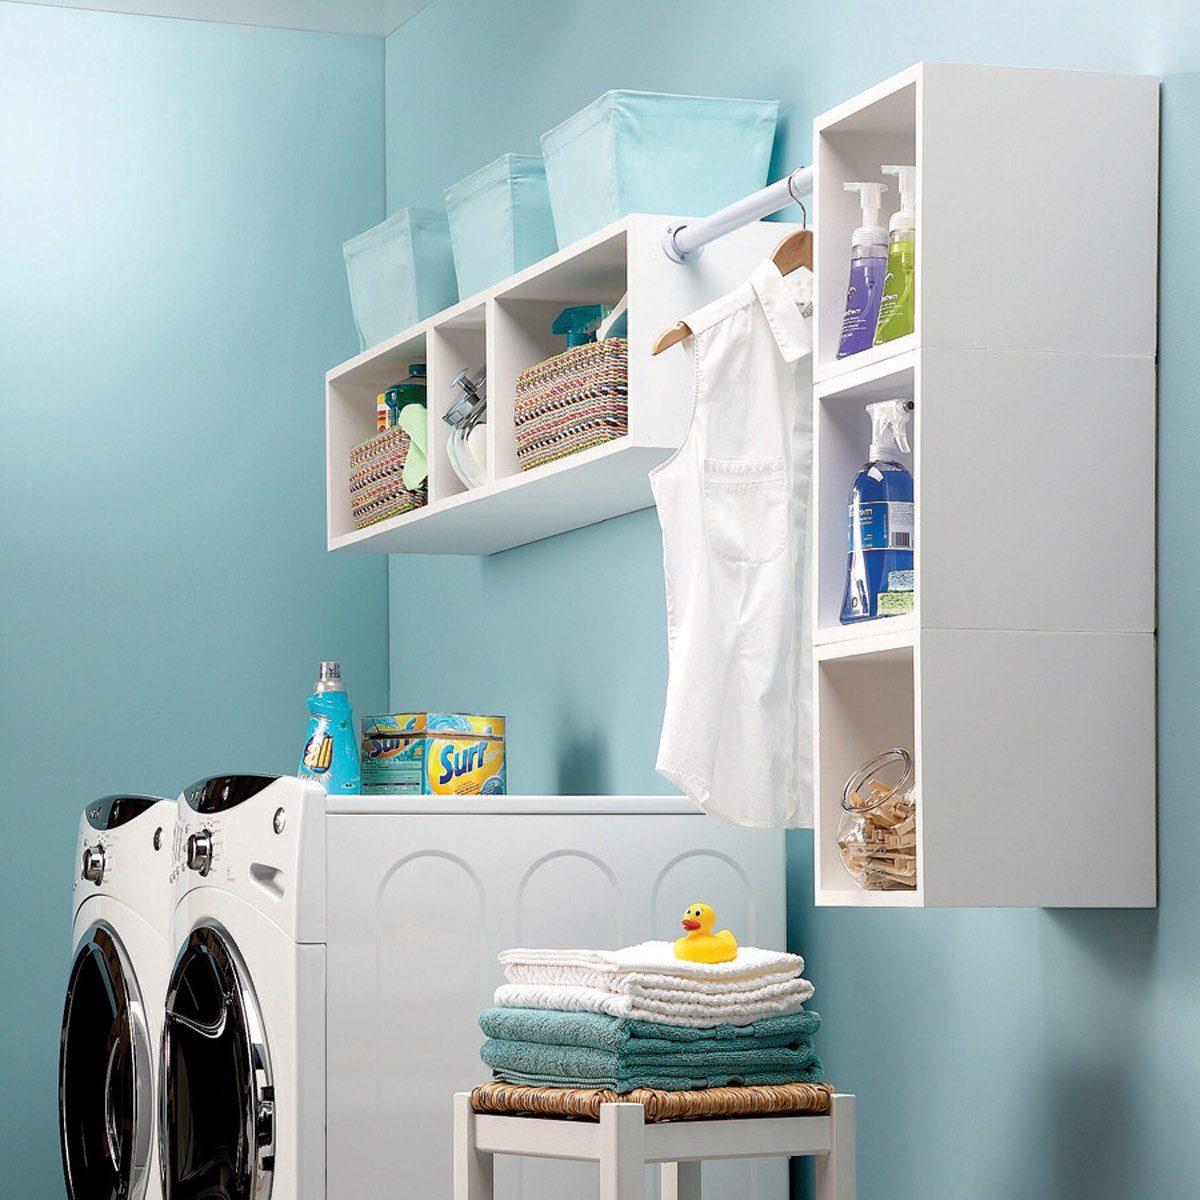 Box shelves laundry room organization ideas